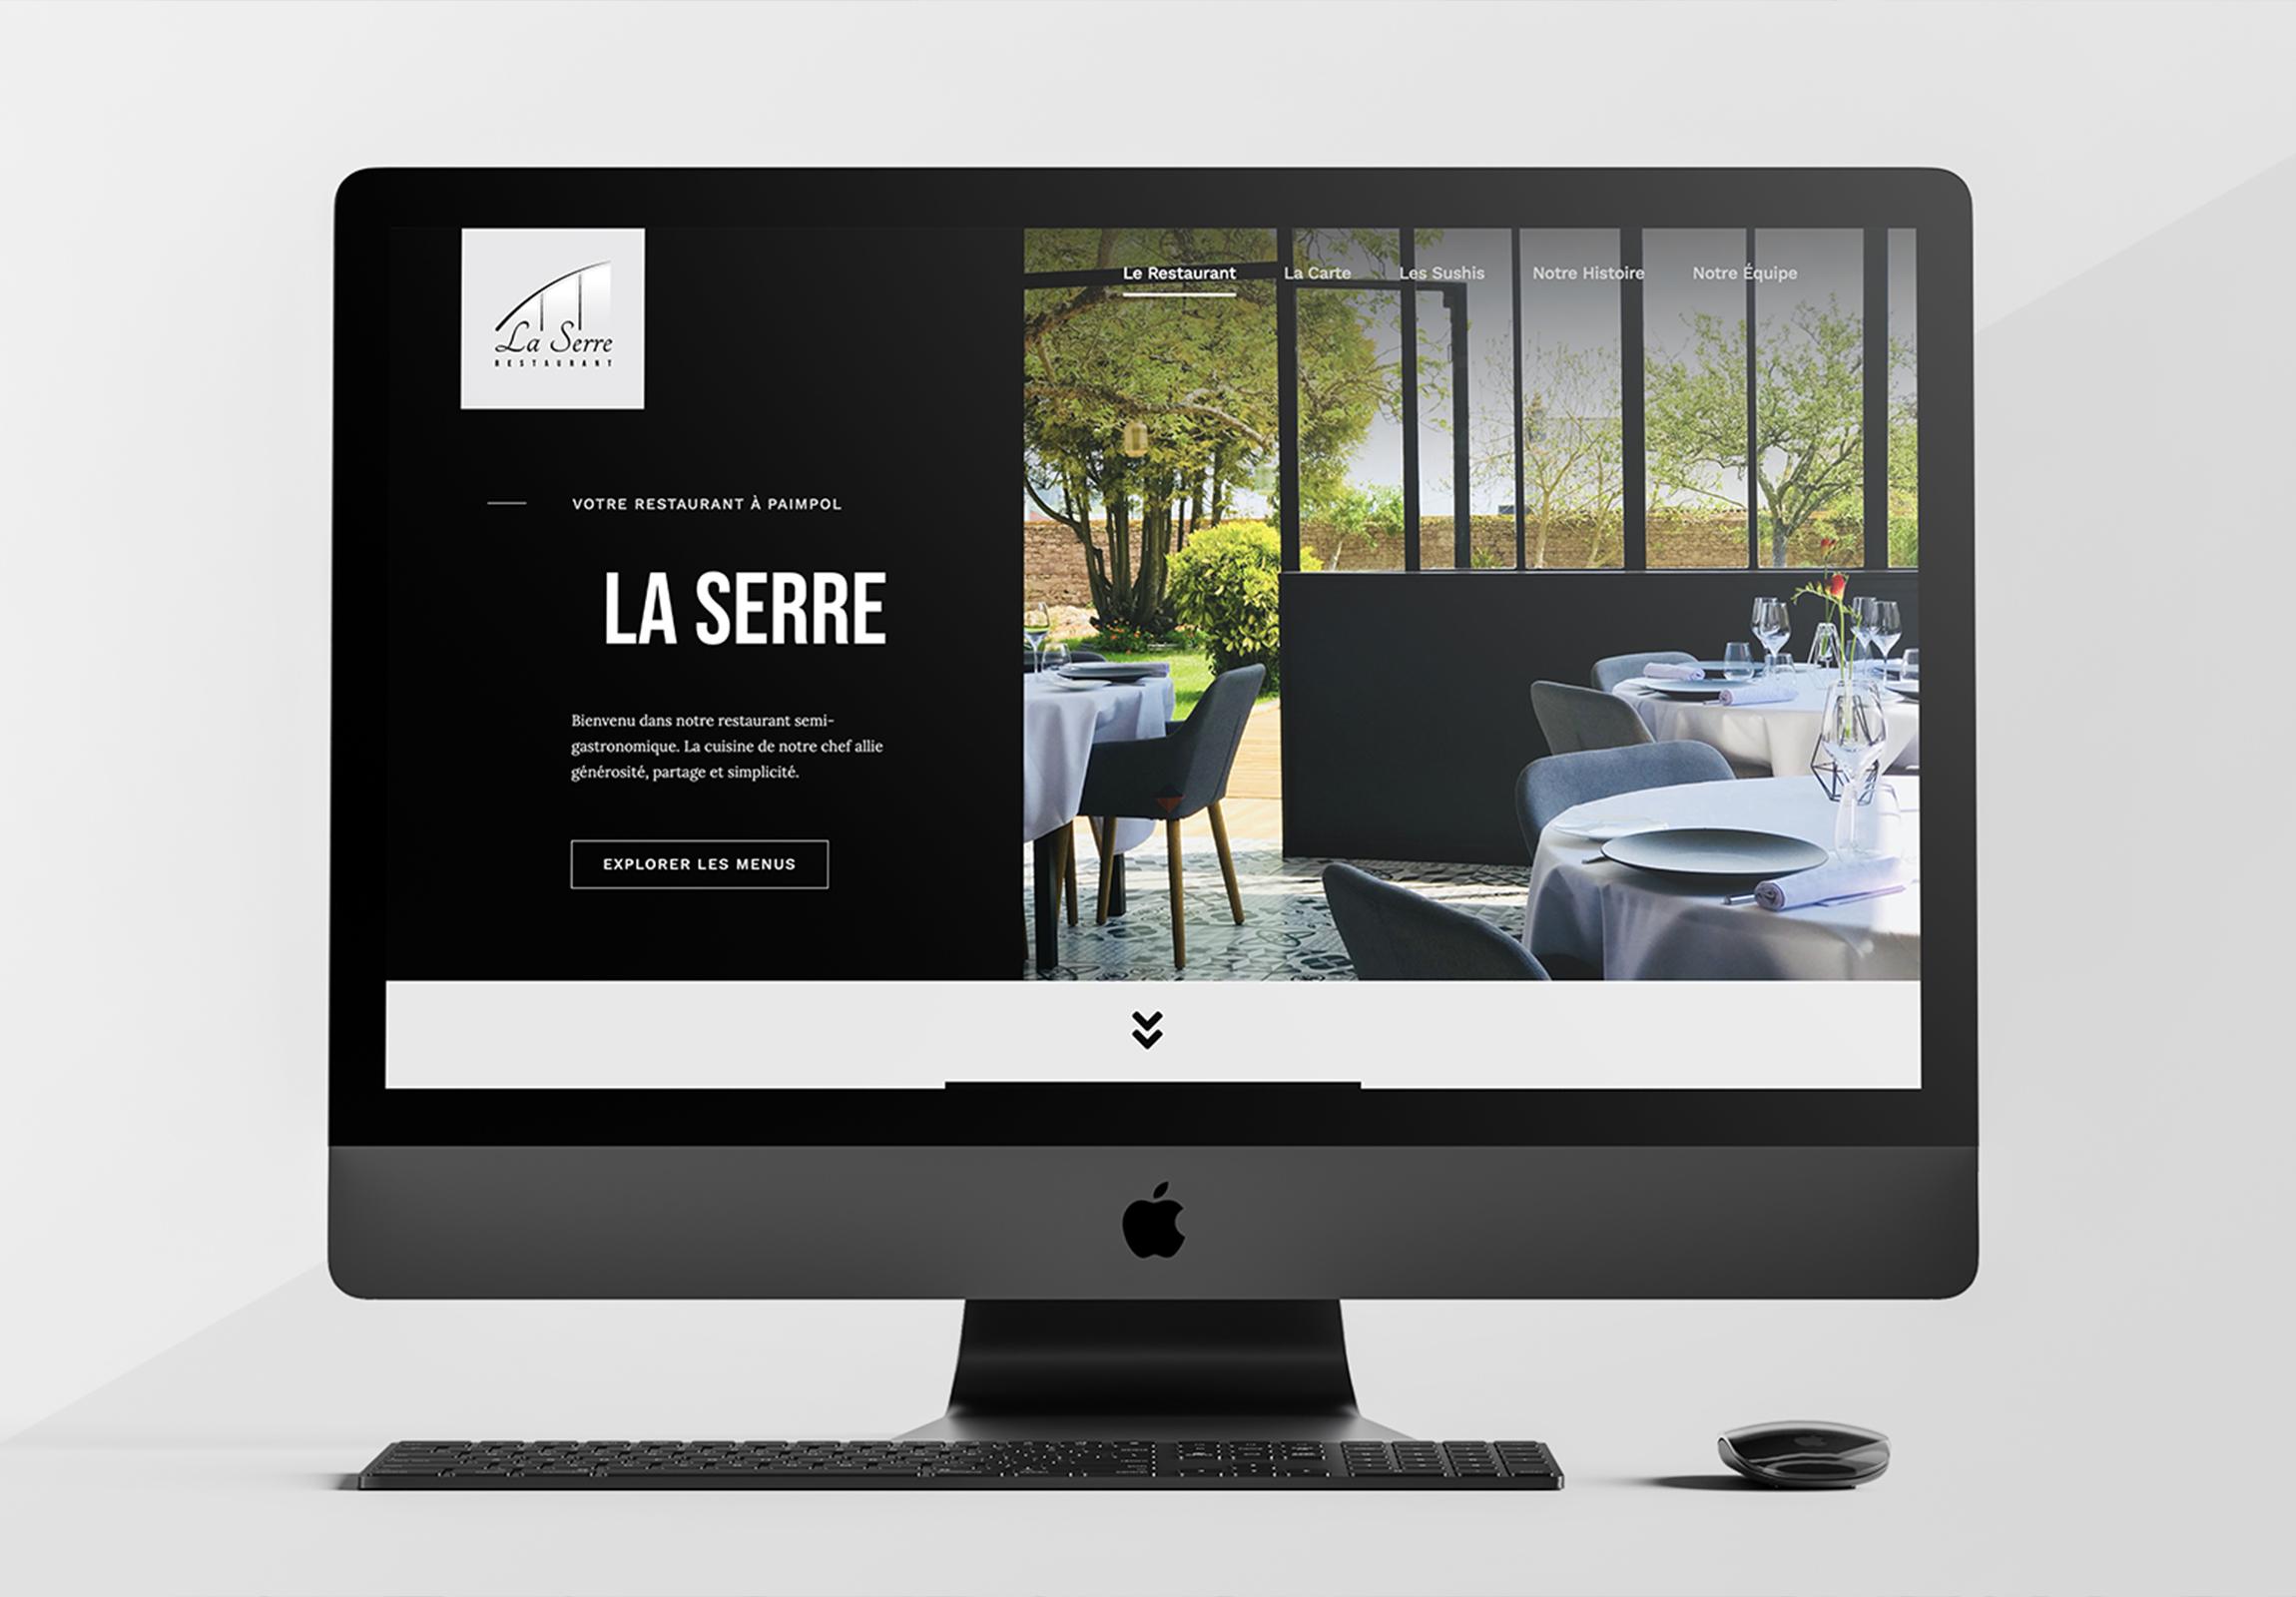 Refonte de la charte graphique et création du site internet du Restaurant La Serre de Paimpol. Logiciels: Wordpress, Photoshop. Graphiste, Web designer - Réalisé par paulalexandre